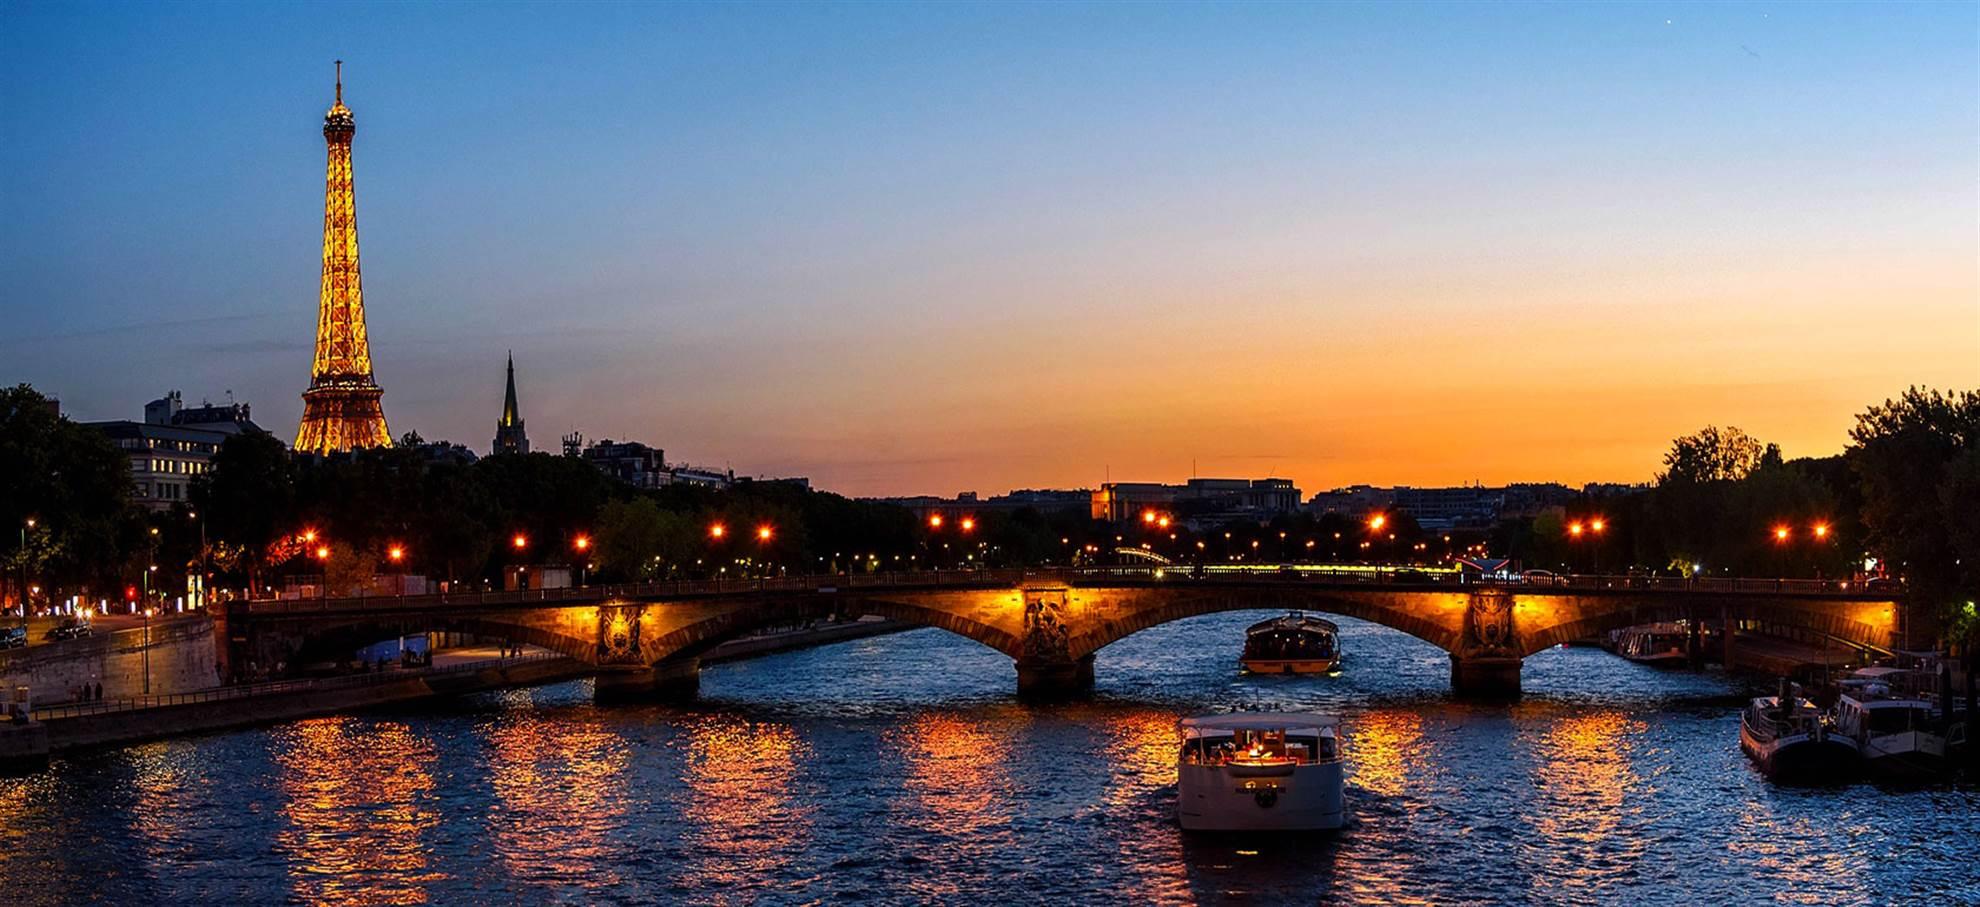 Rejs po Sekwanie (spod Wieży Eiffela)